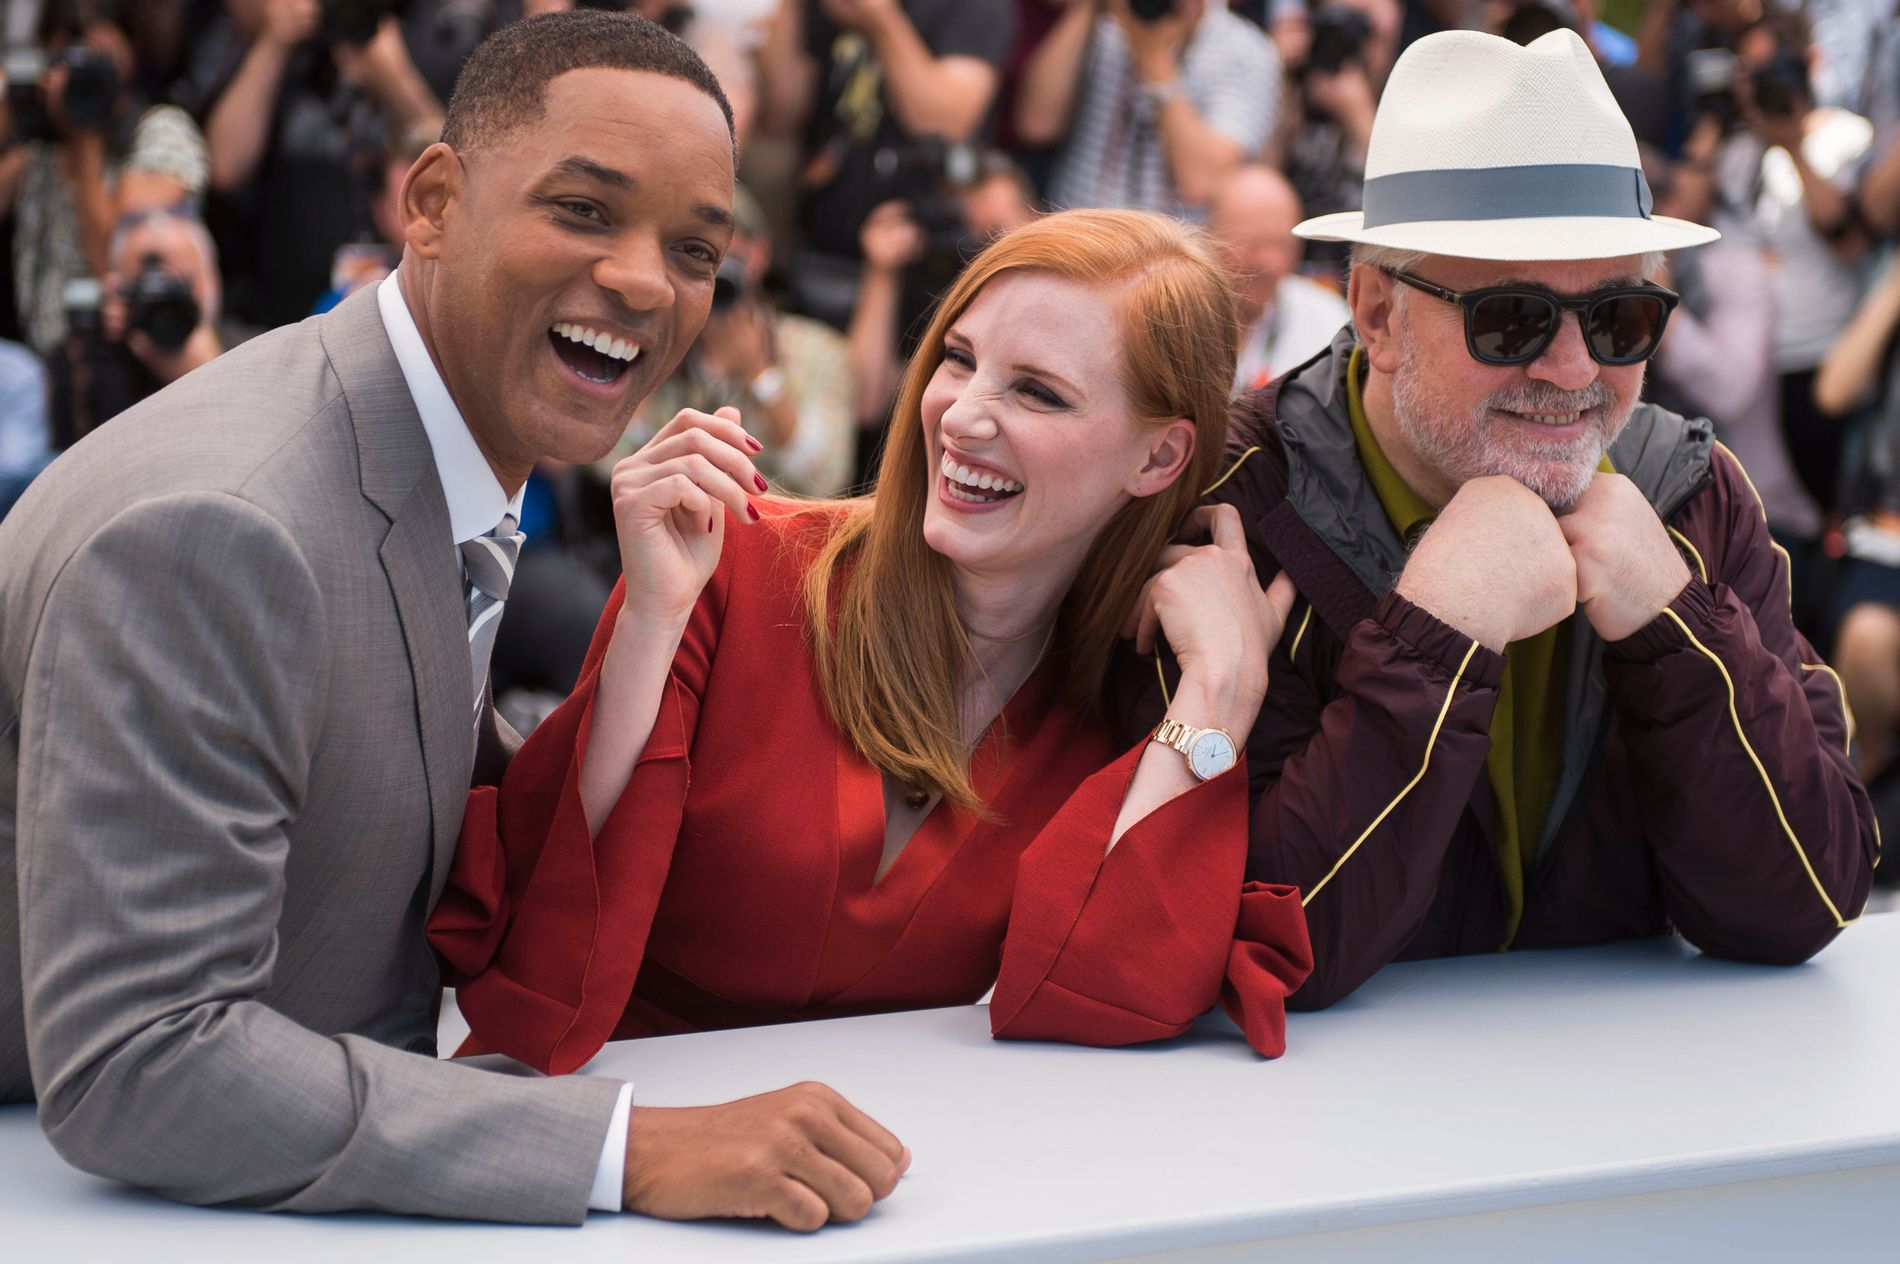 SAMMEN: Will Smith, Jessica Chastain og Pedro Almodóvar skal se og diskutere film sammen idé ti neste dagene.